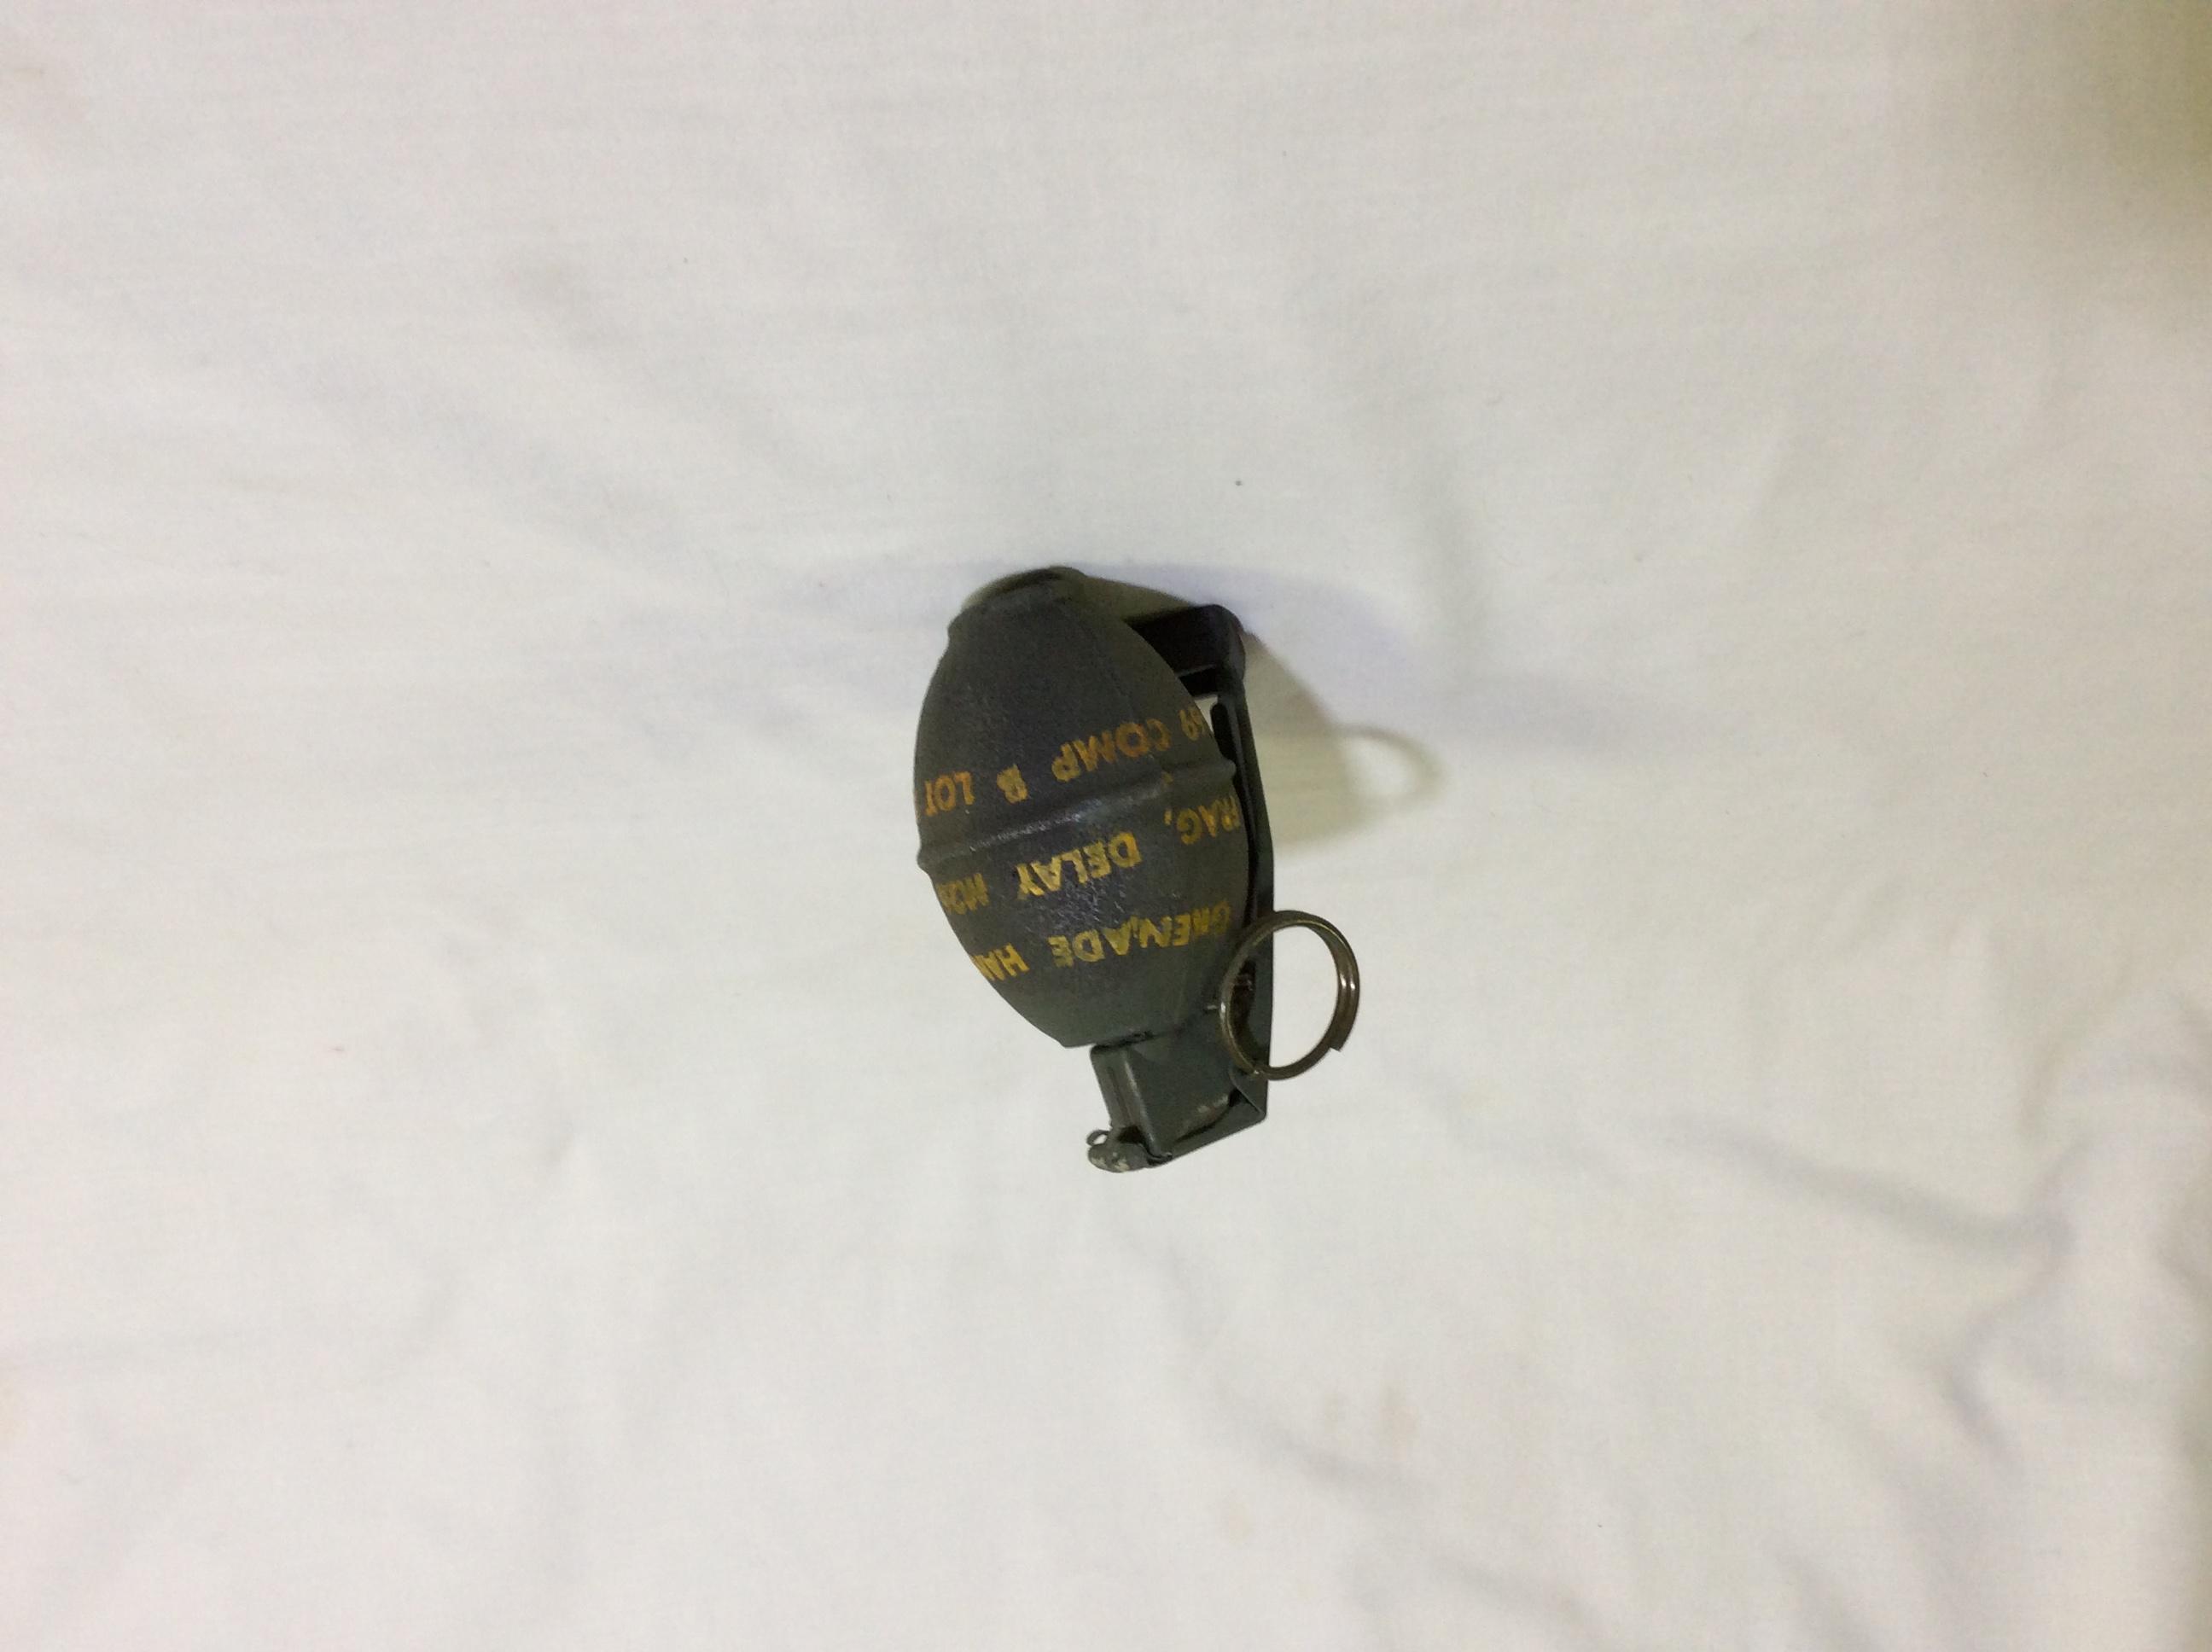 M26 Frag Grenades